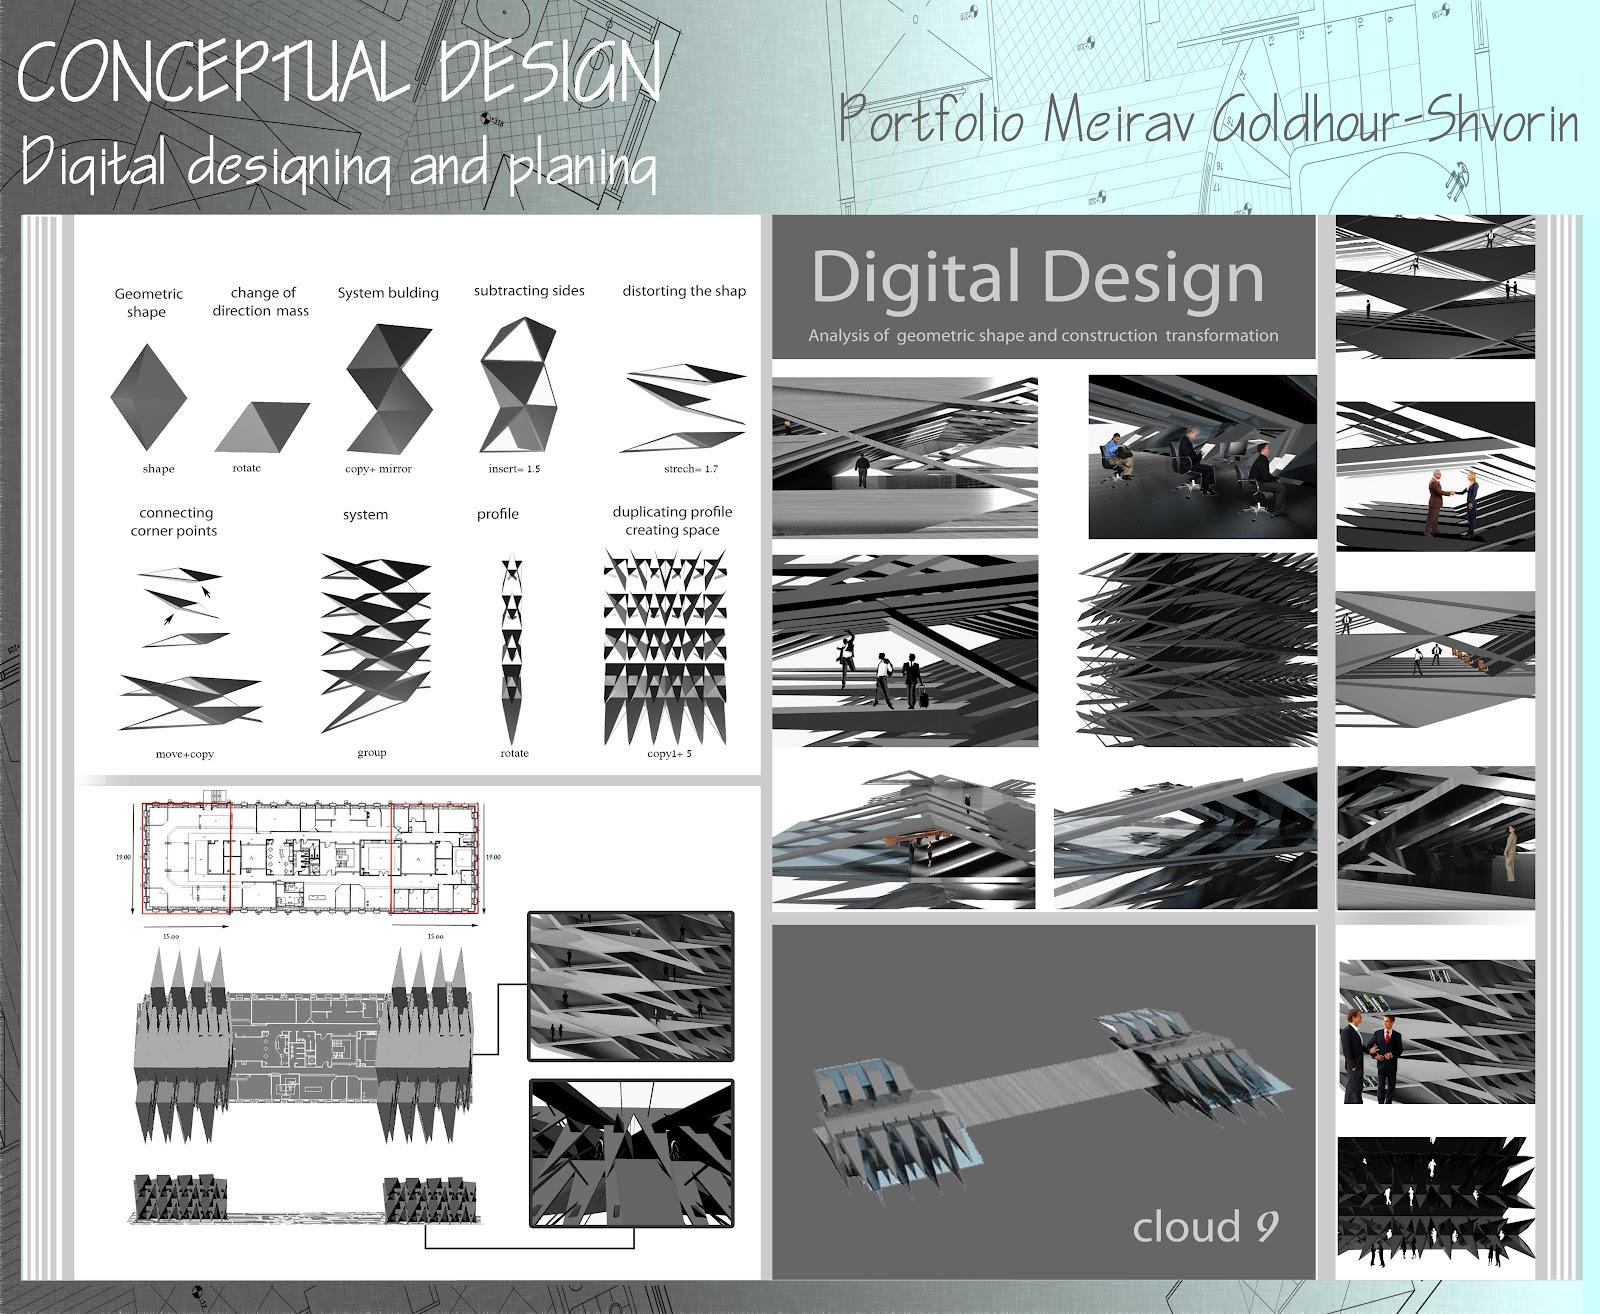 conceptual design digital